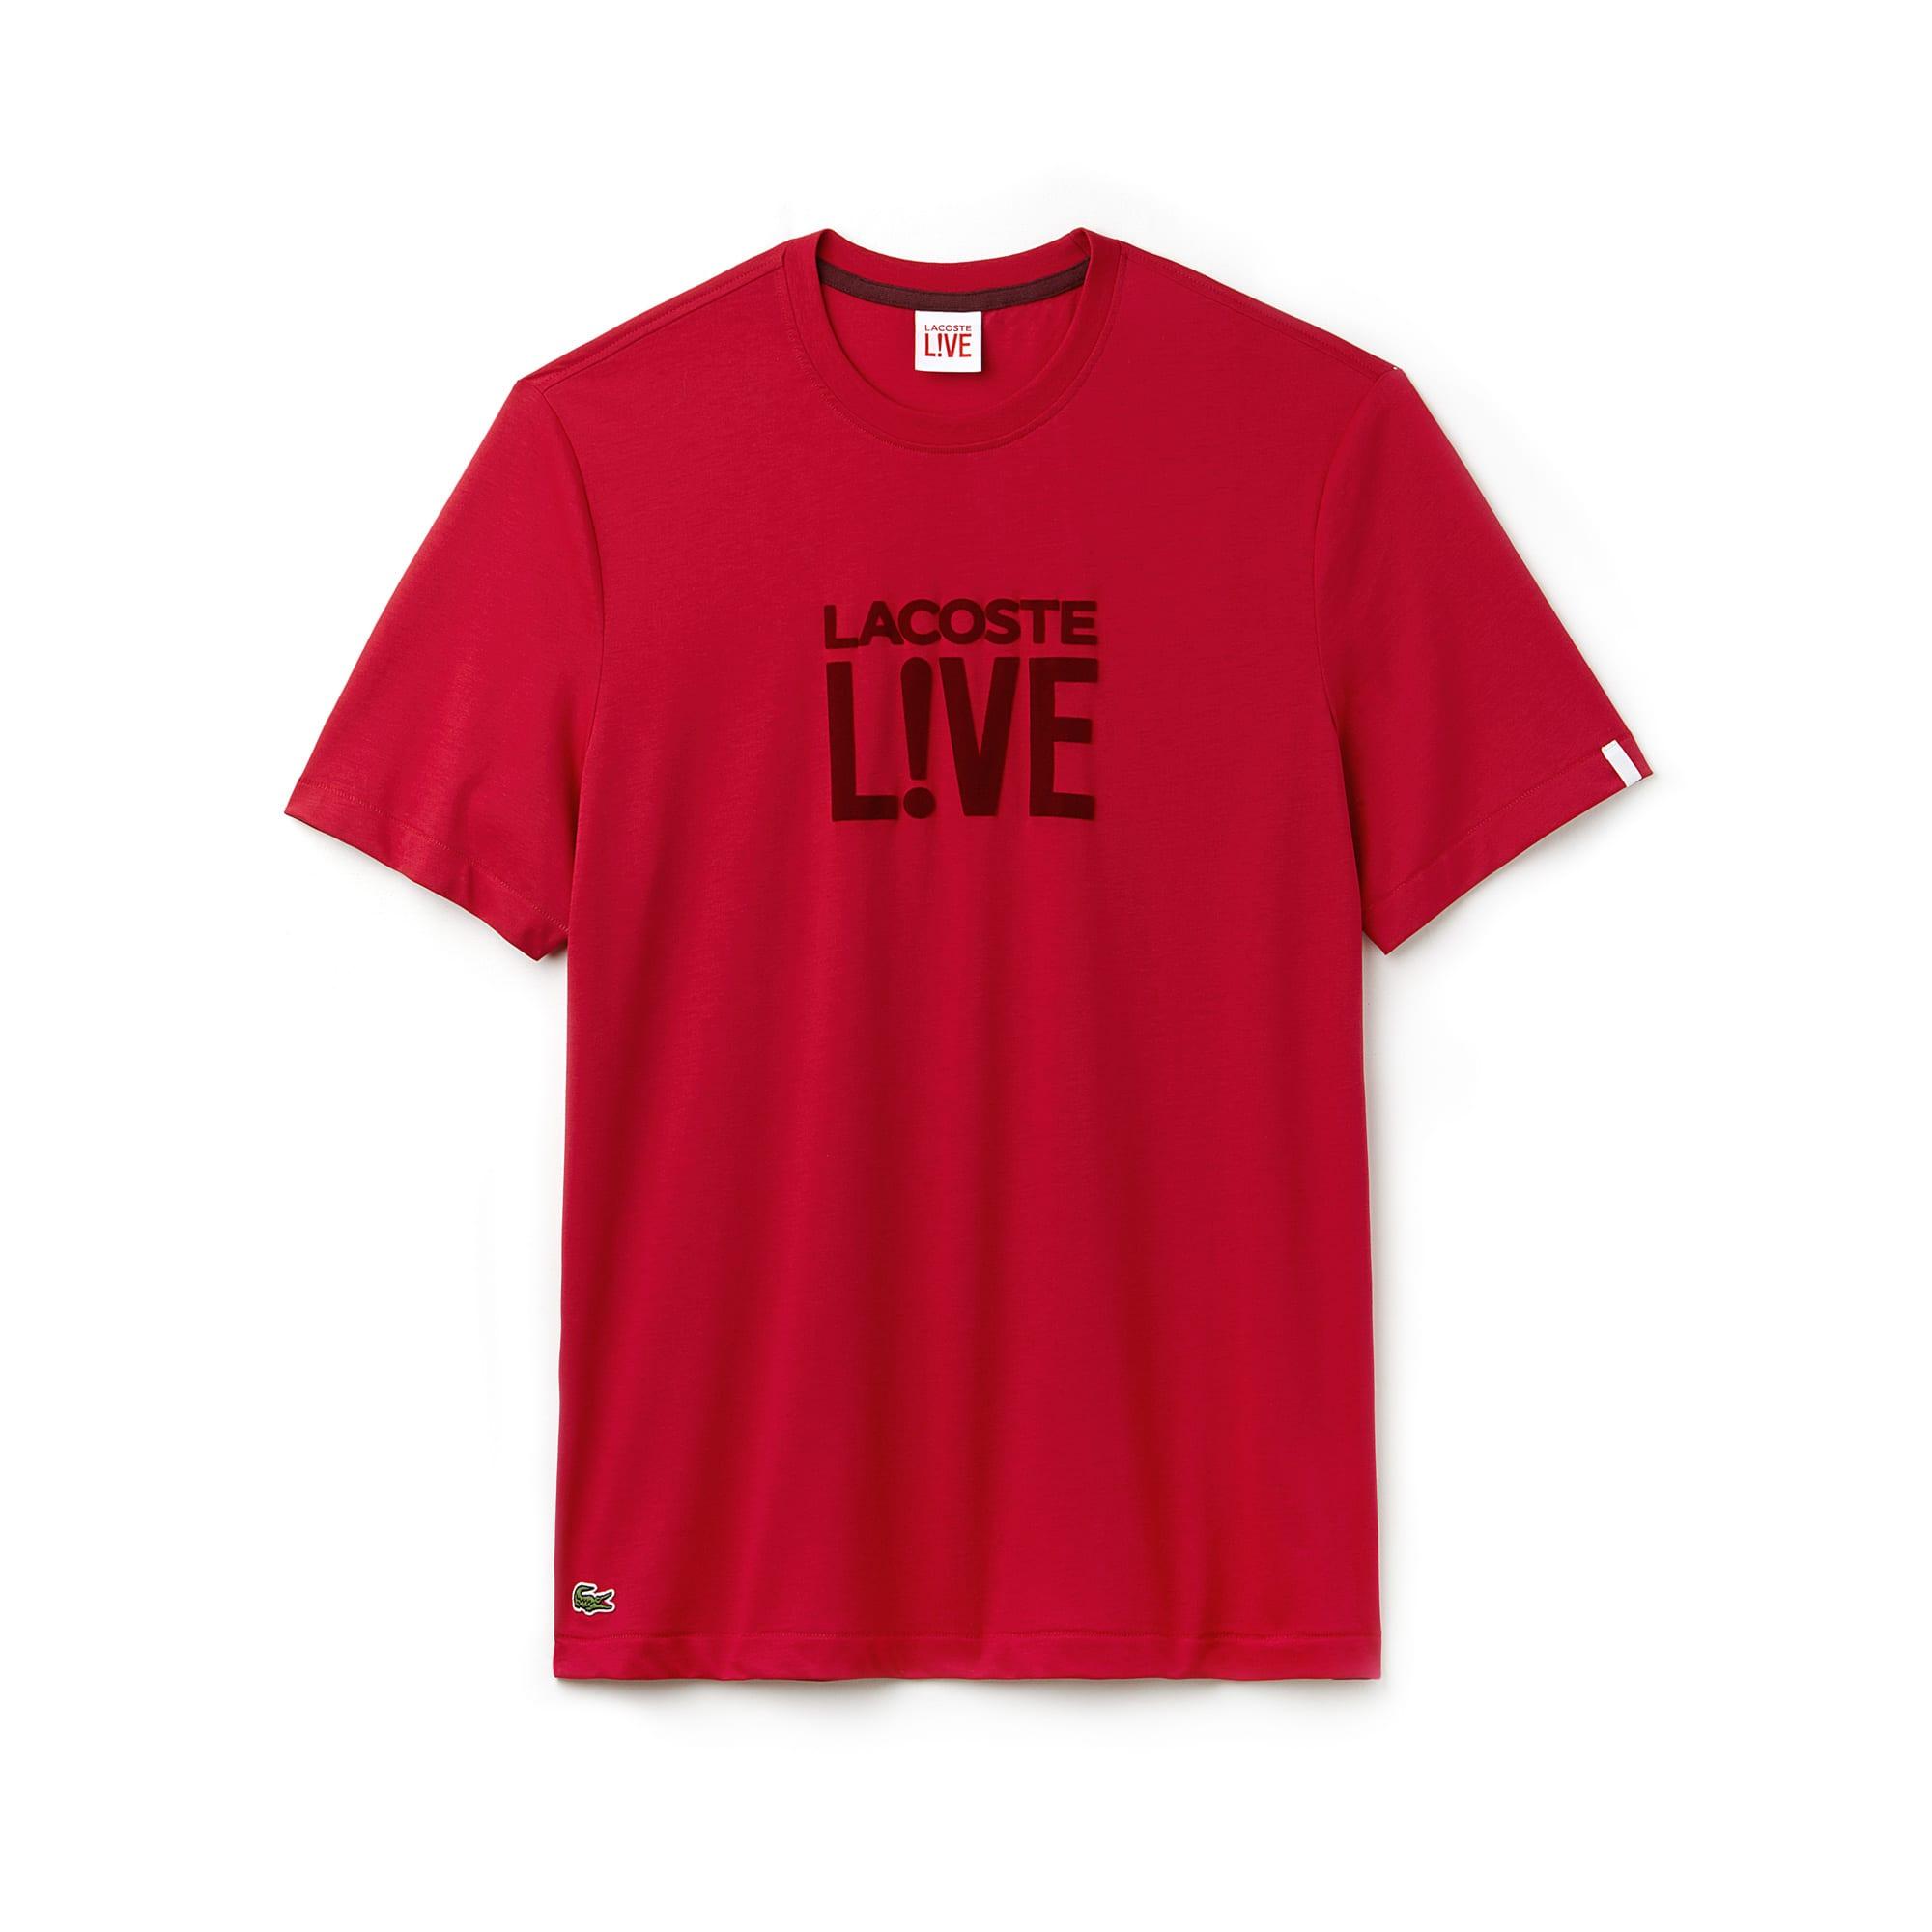 Camiseta de cuello redondo Lacoste LIVE de punto jersey con logotipo de terciopelo